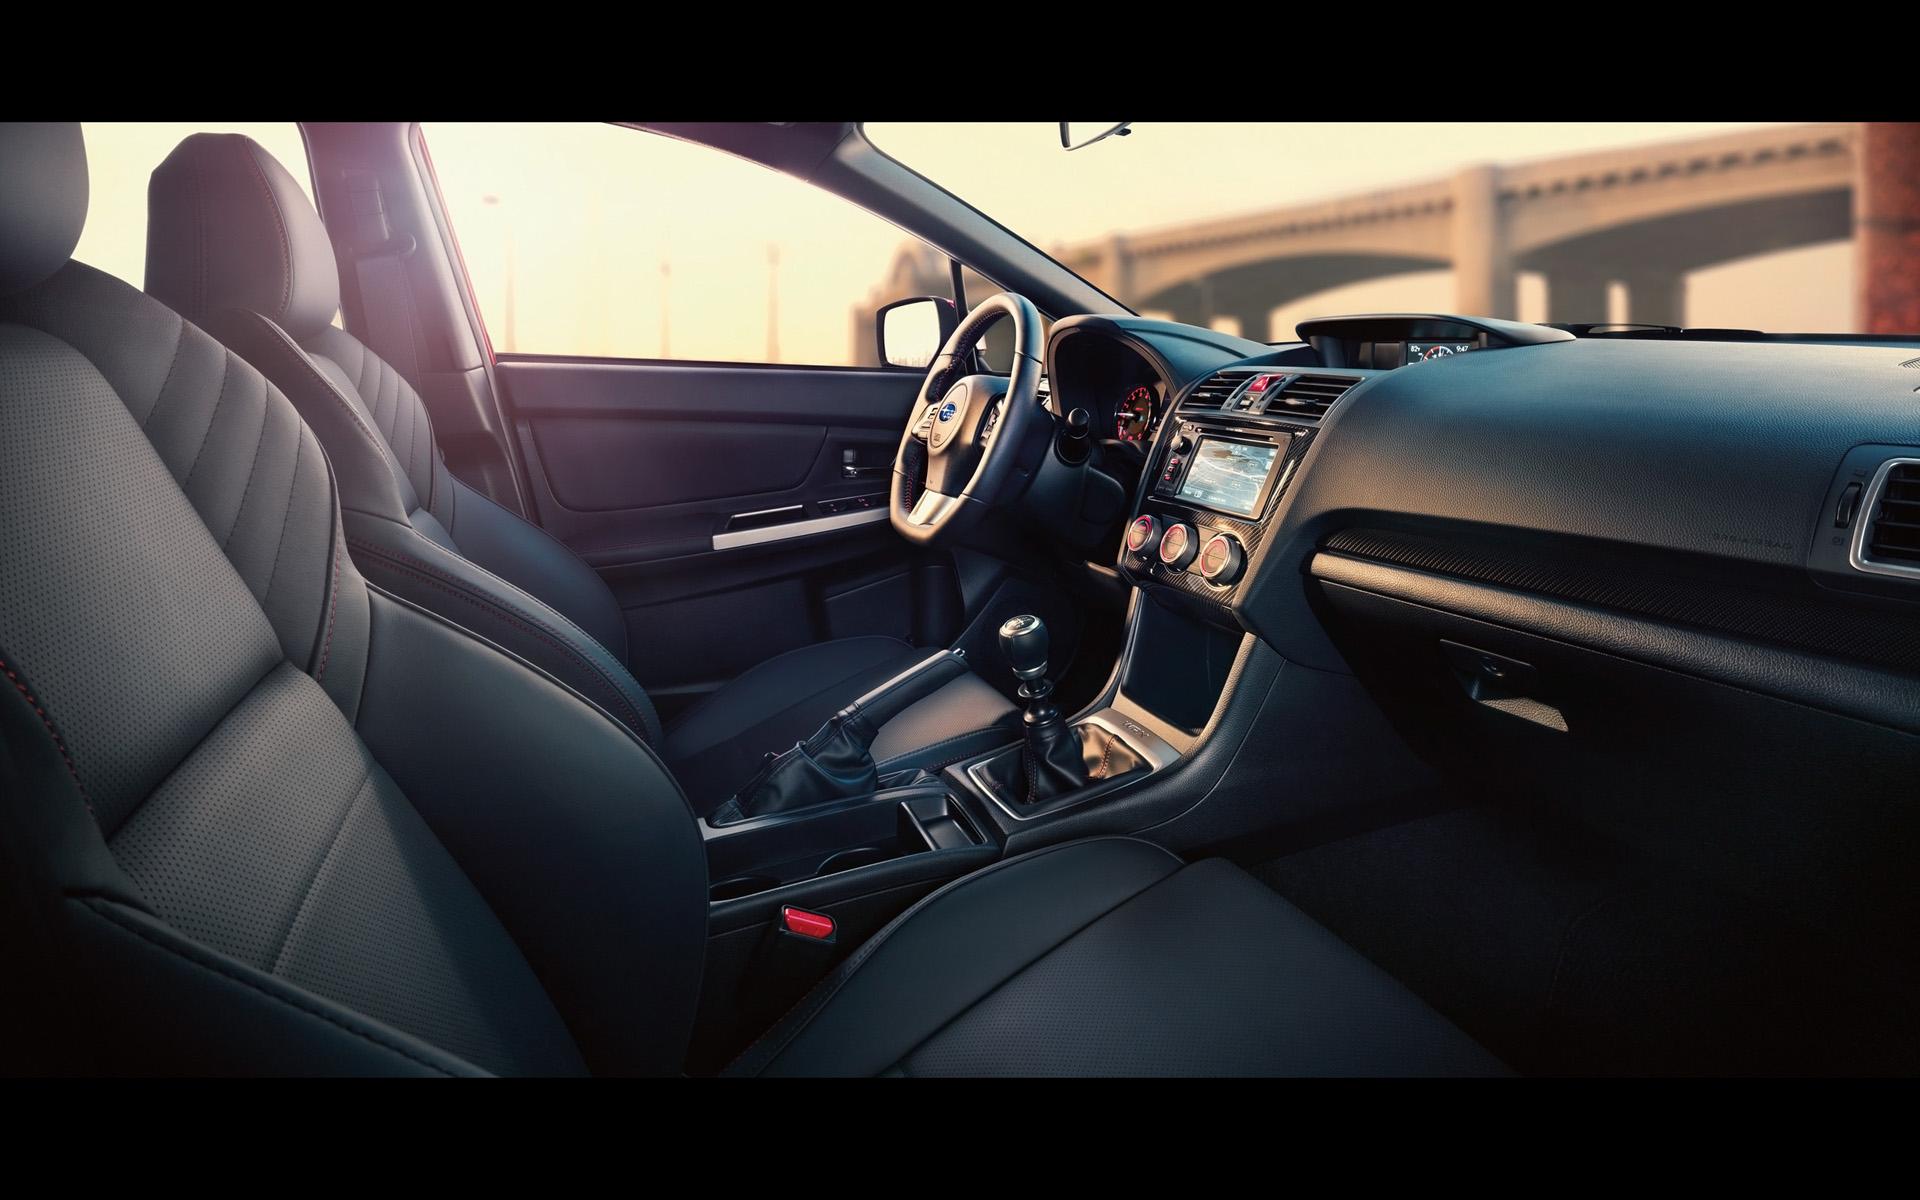 2015-Subaru-WRX-Interior-2-1920×1200